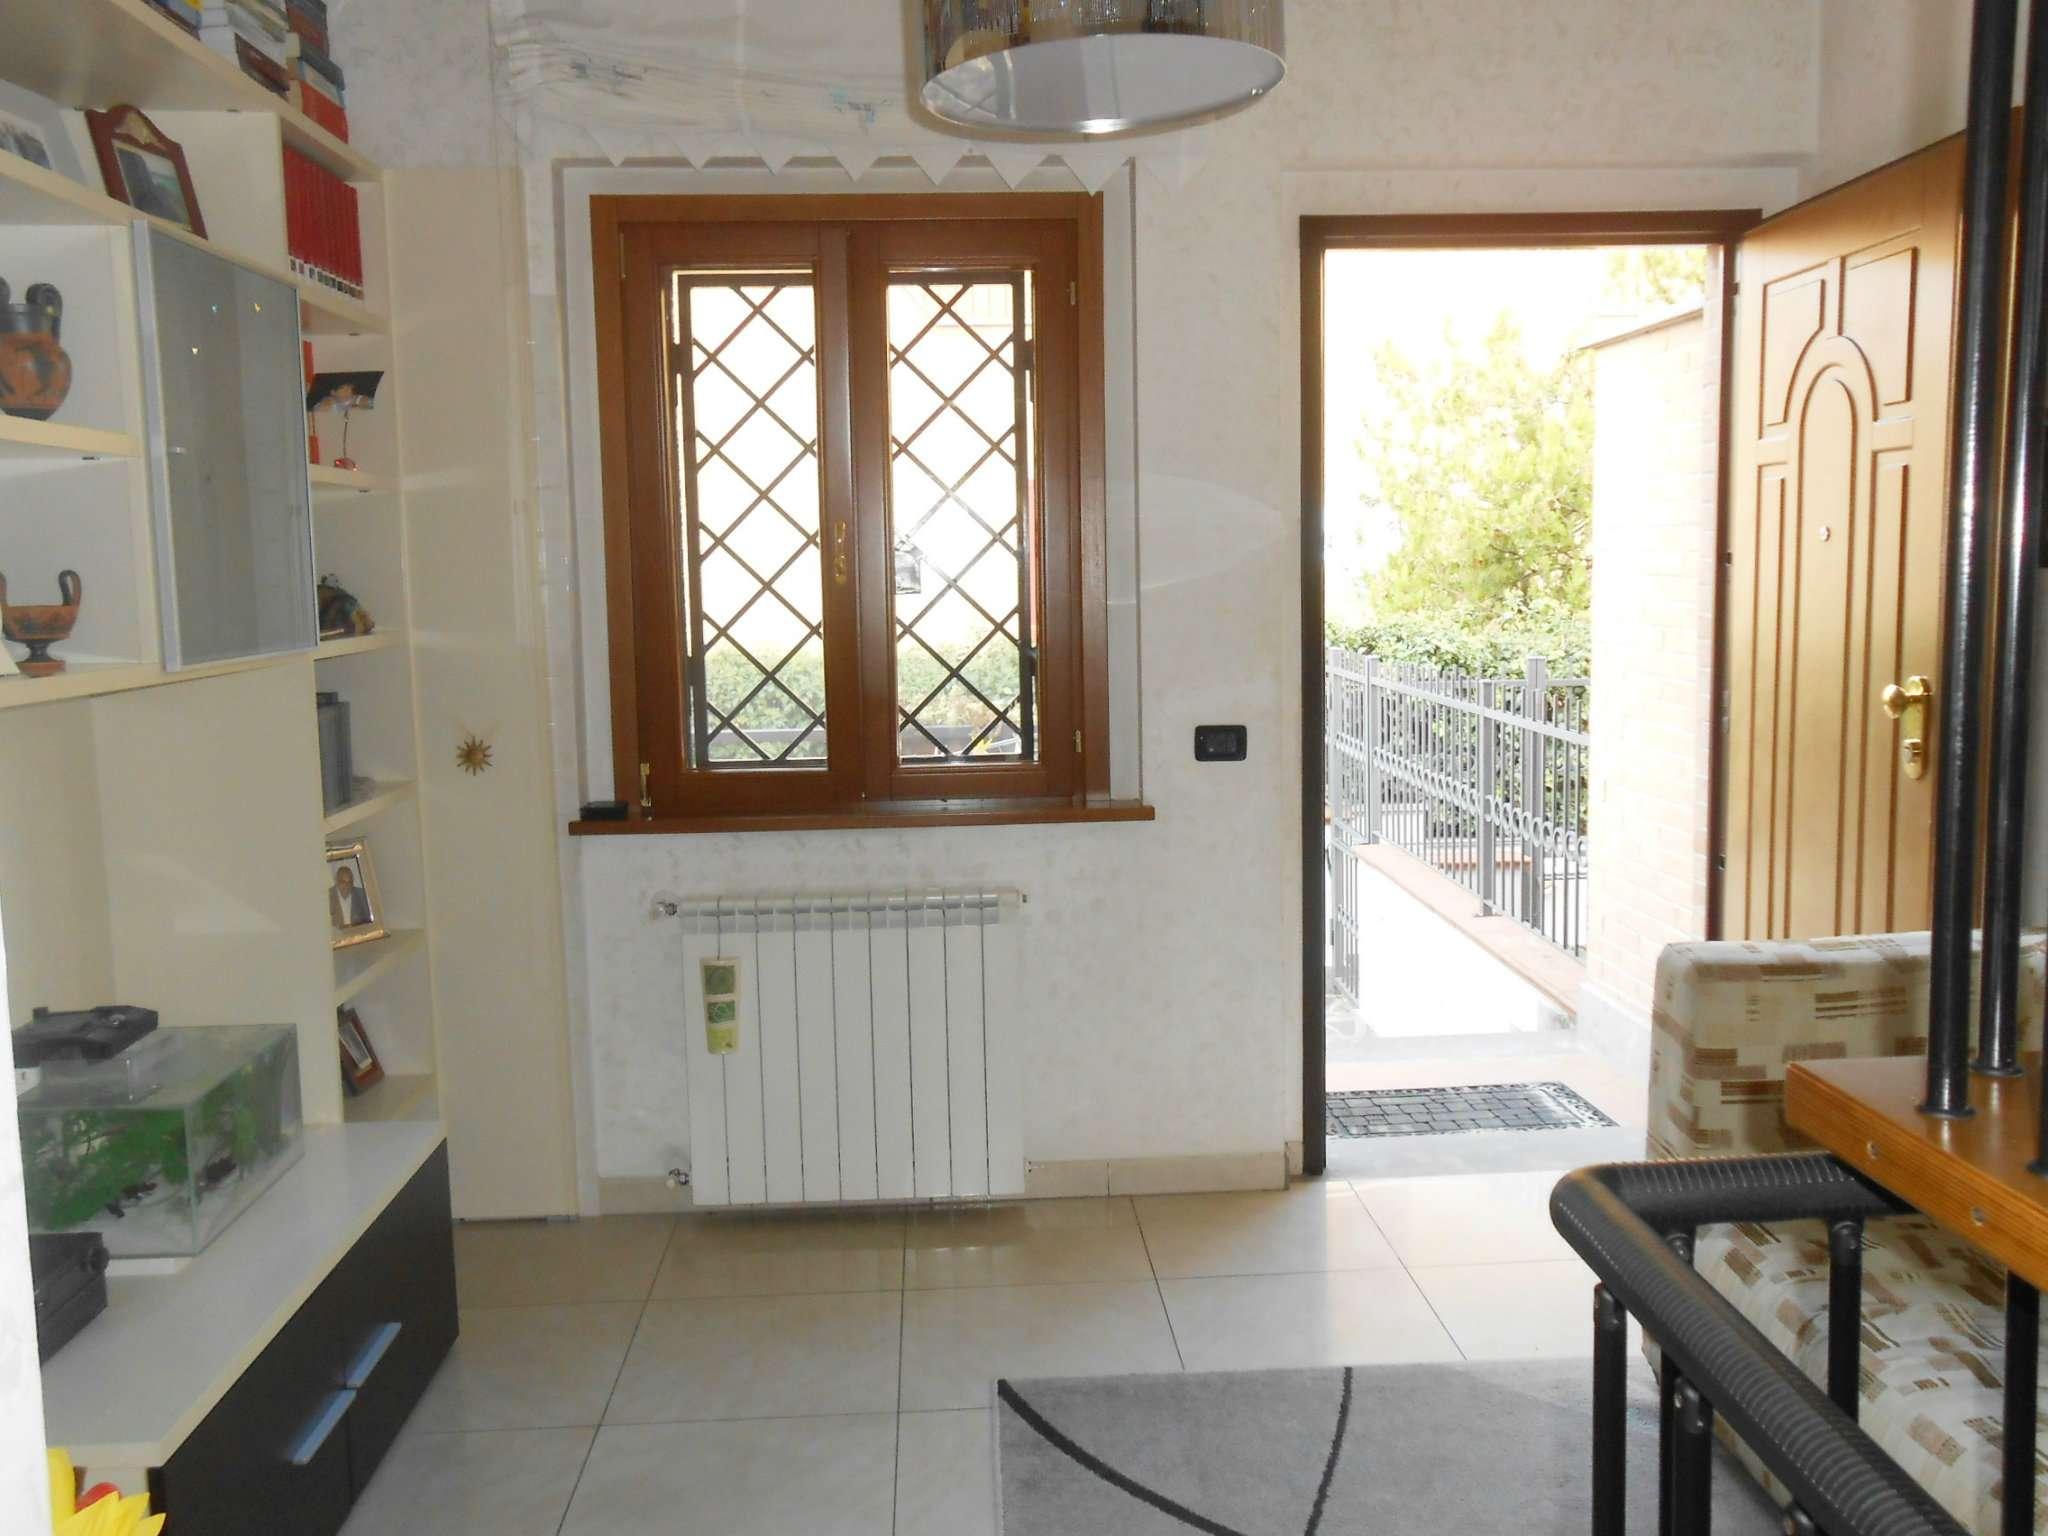 Villa Tri-Quadrifamiliare in vendita a Roma, 5 locali, zona Zona: 36 . Finocchio, Torre Gaia, Tor Vergata, Borghesiana, prezzo € 215.000 | CambioCasa.it